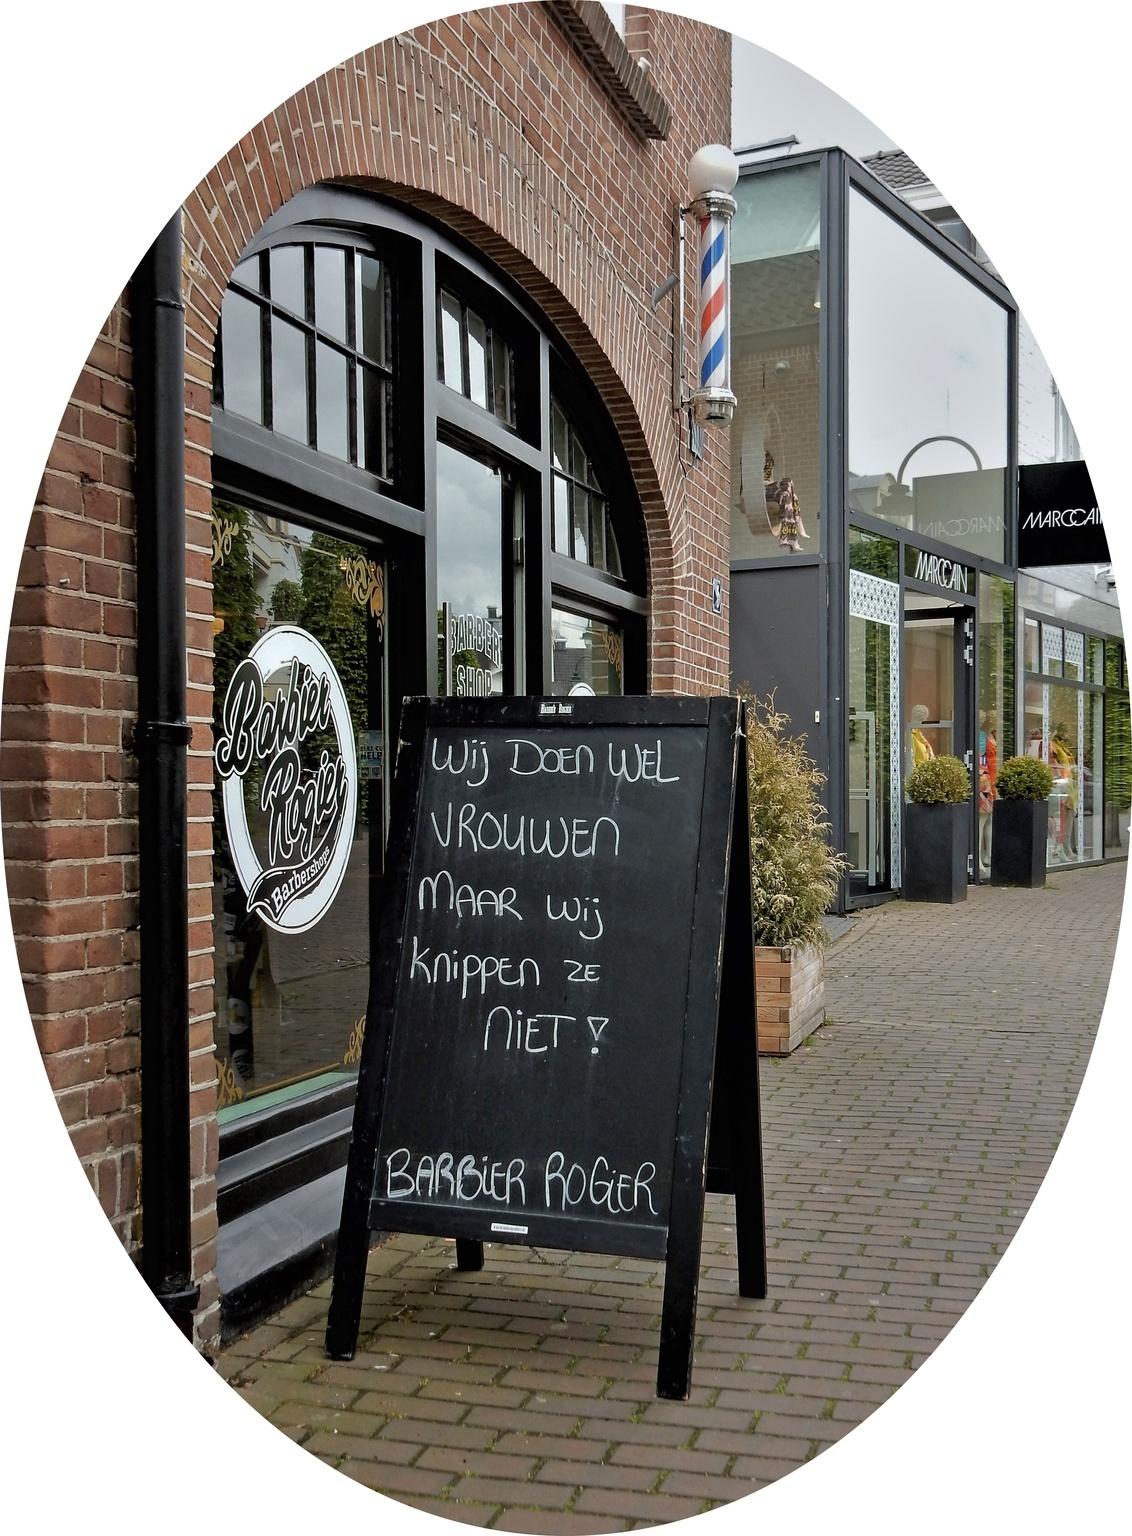 Huh?? - Laren...Noord Holland - foto door 1103 op 23-05-2019 - deze foto bevat: reclame, stad, straatfotografie